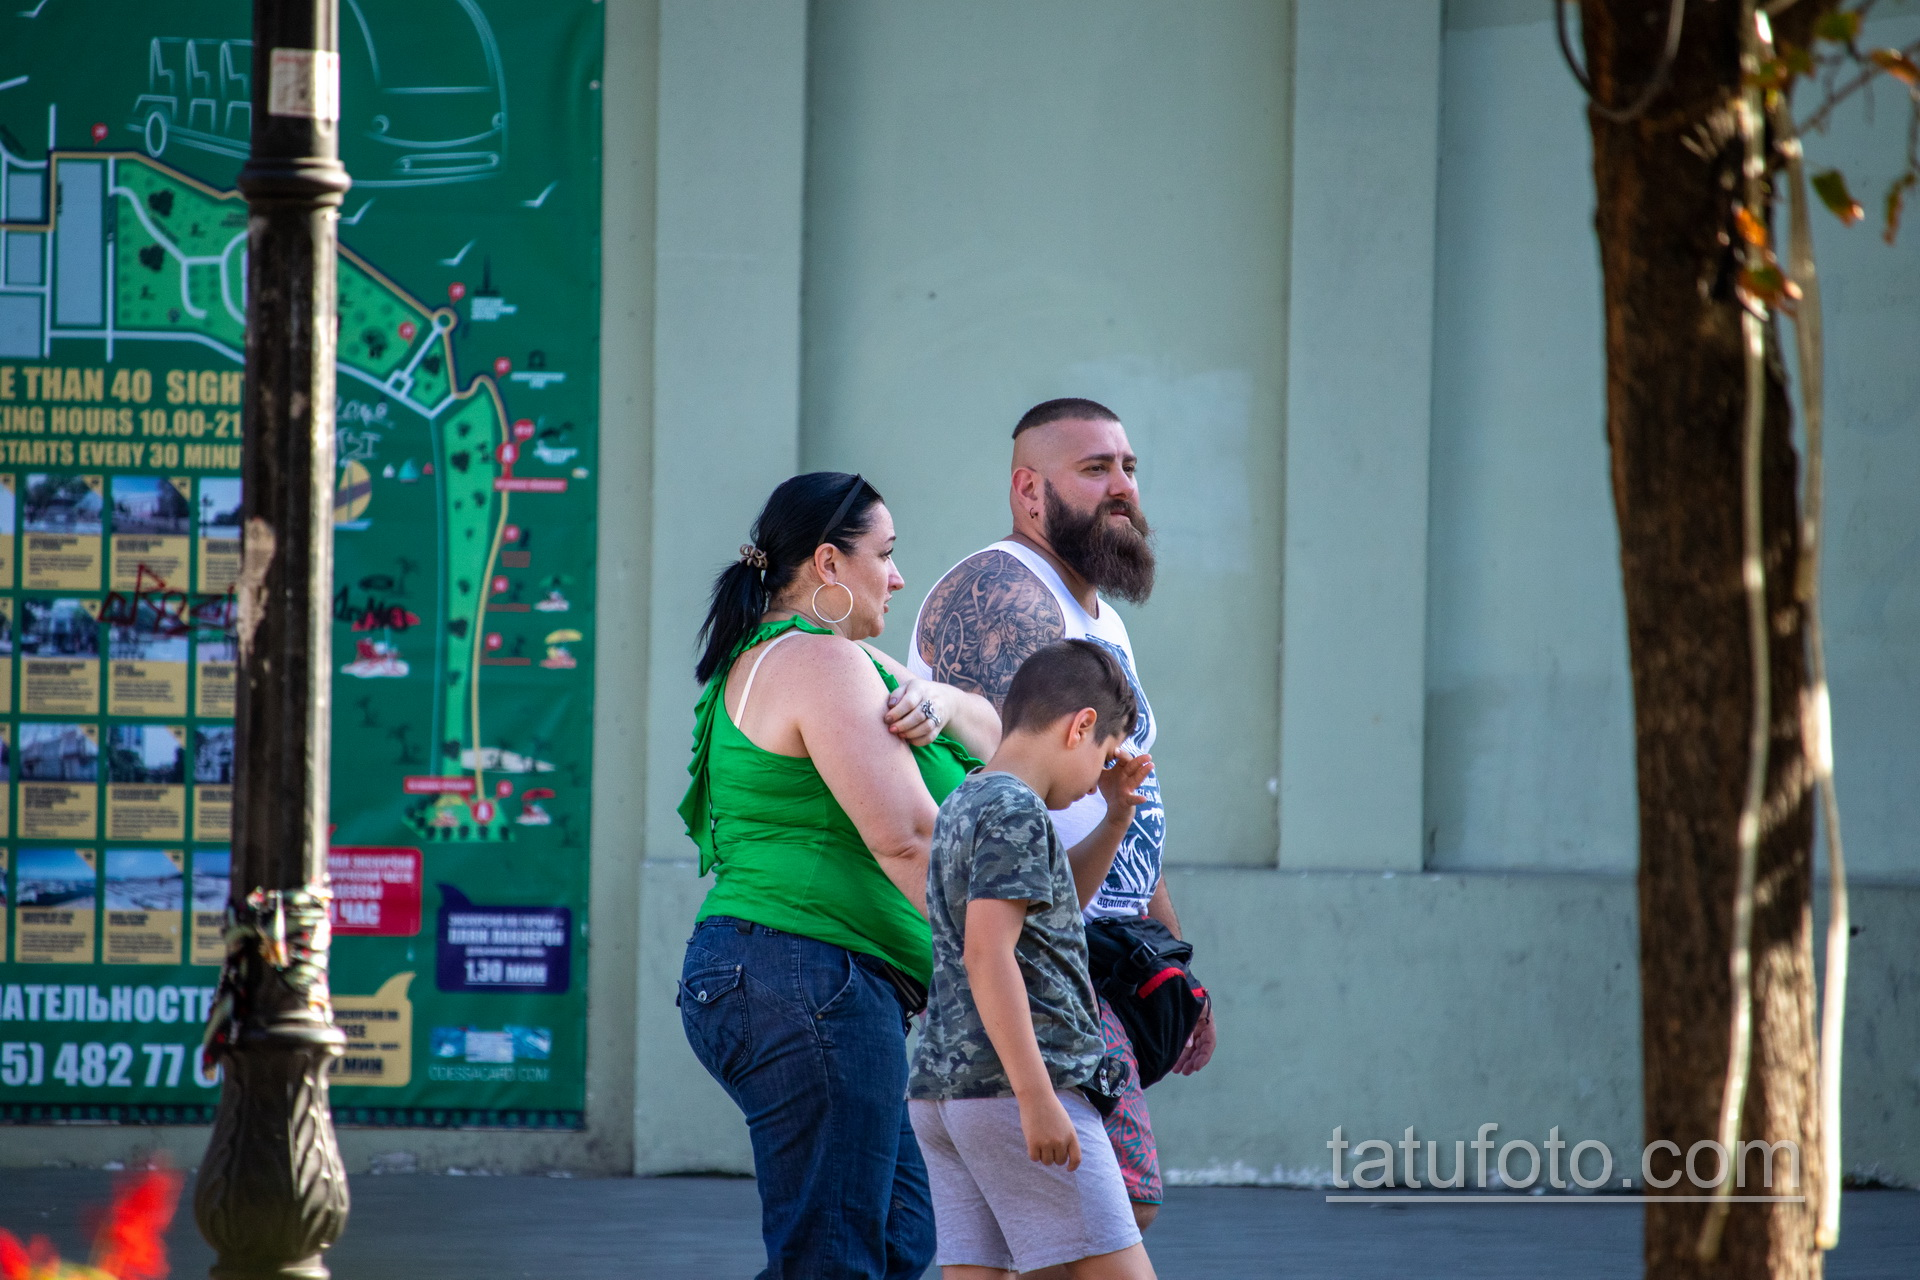 Татуировка с узорами и воином викингом на руке крупного бородатого мужчины – Уличная татуировка 14.09.2020 – tatufoto.com 1